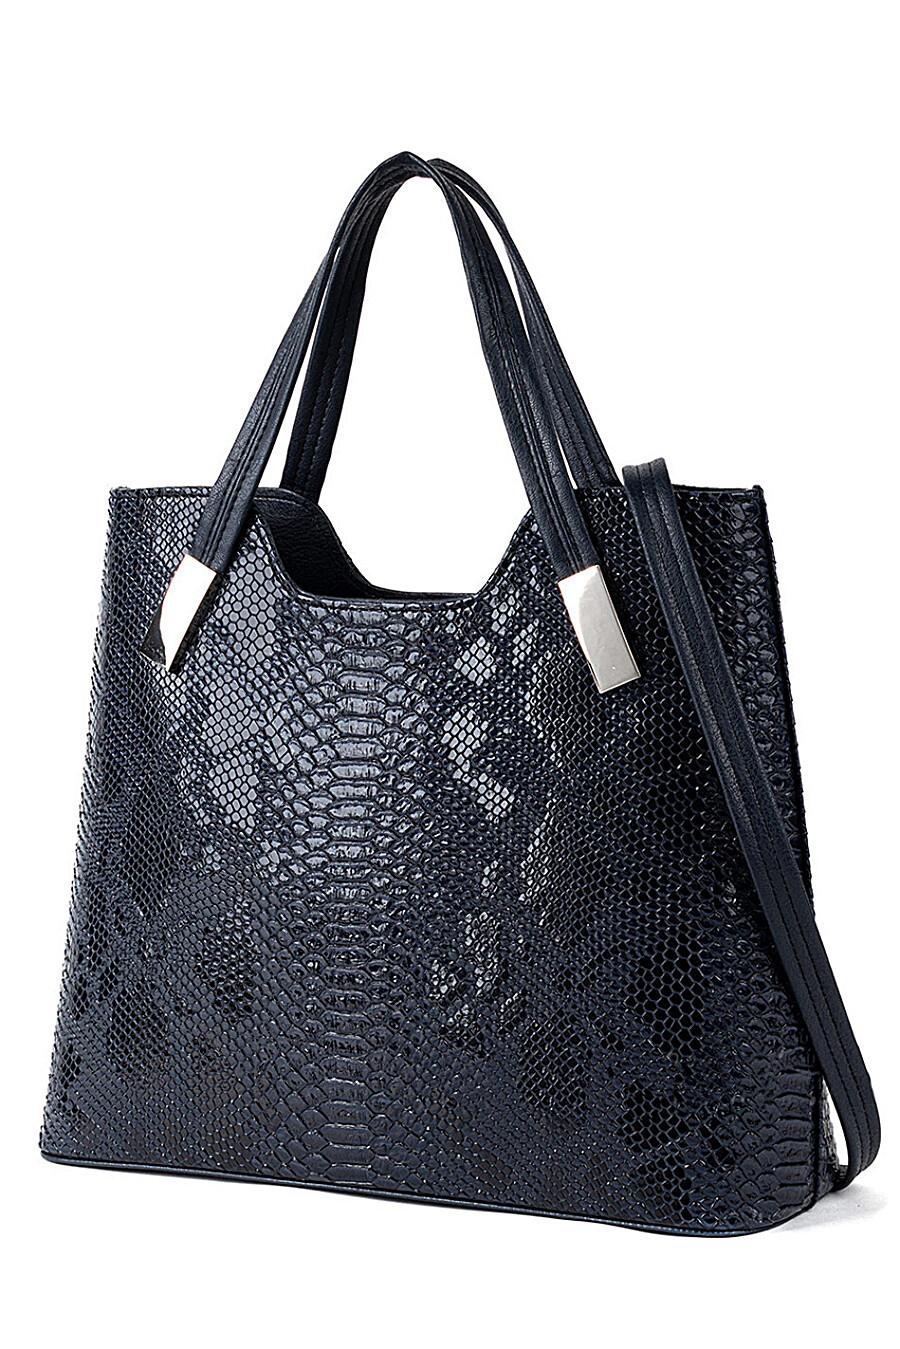 Сумка для женщин L-CRAFT 260337 купить оптом от производителя. Совместная покупка женской одежды в OptMoyo